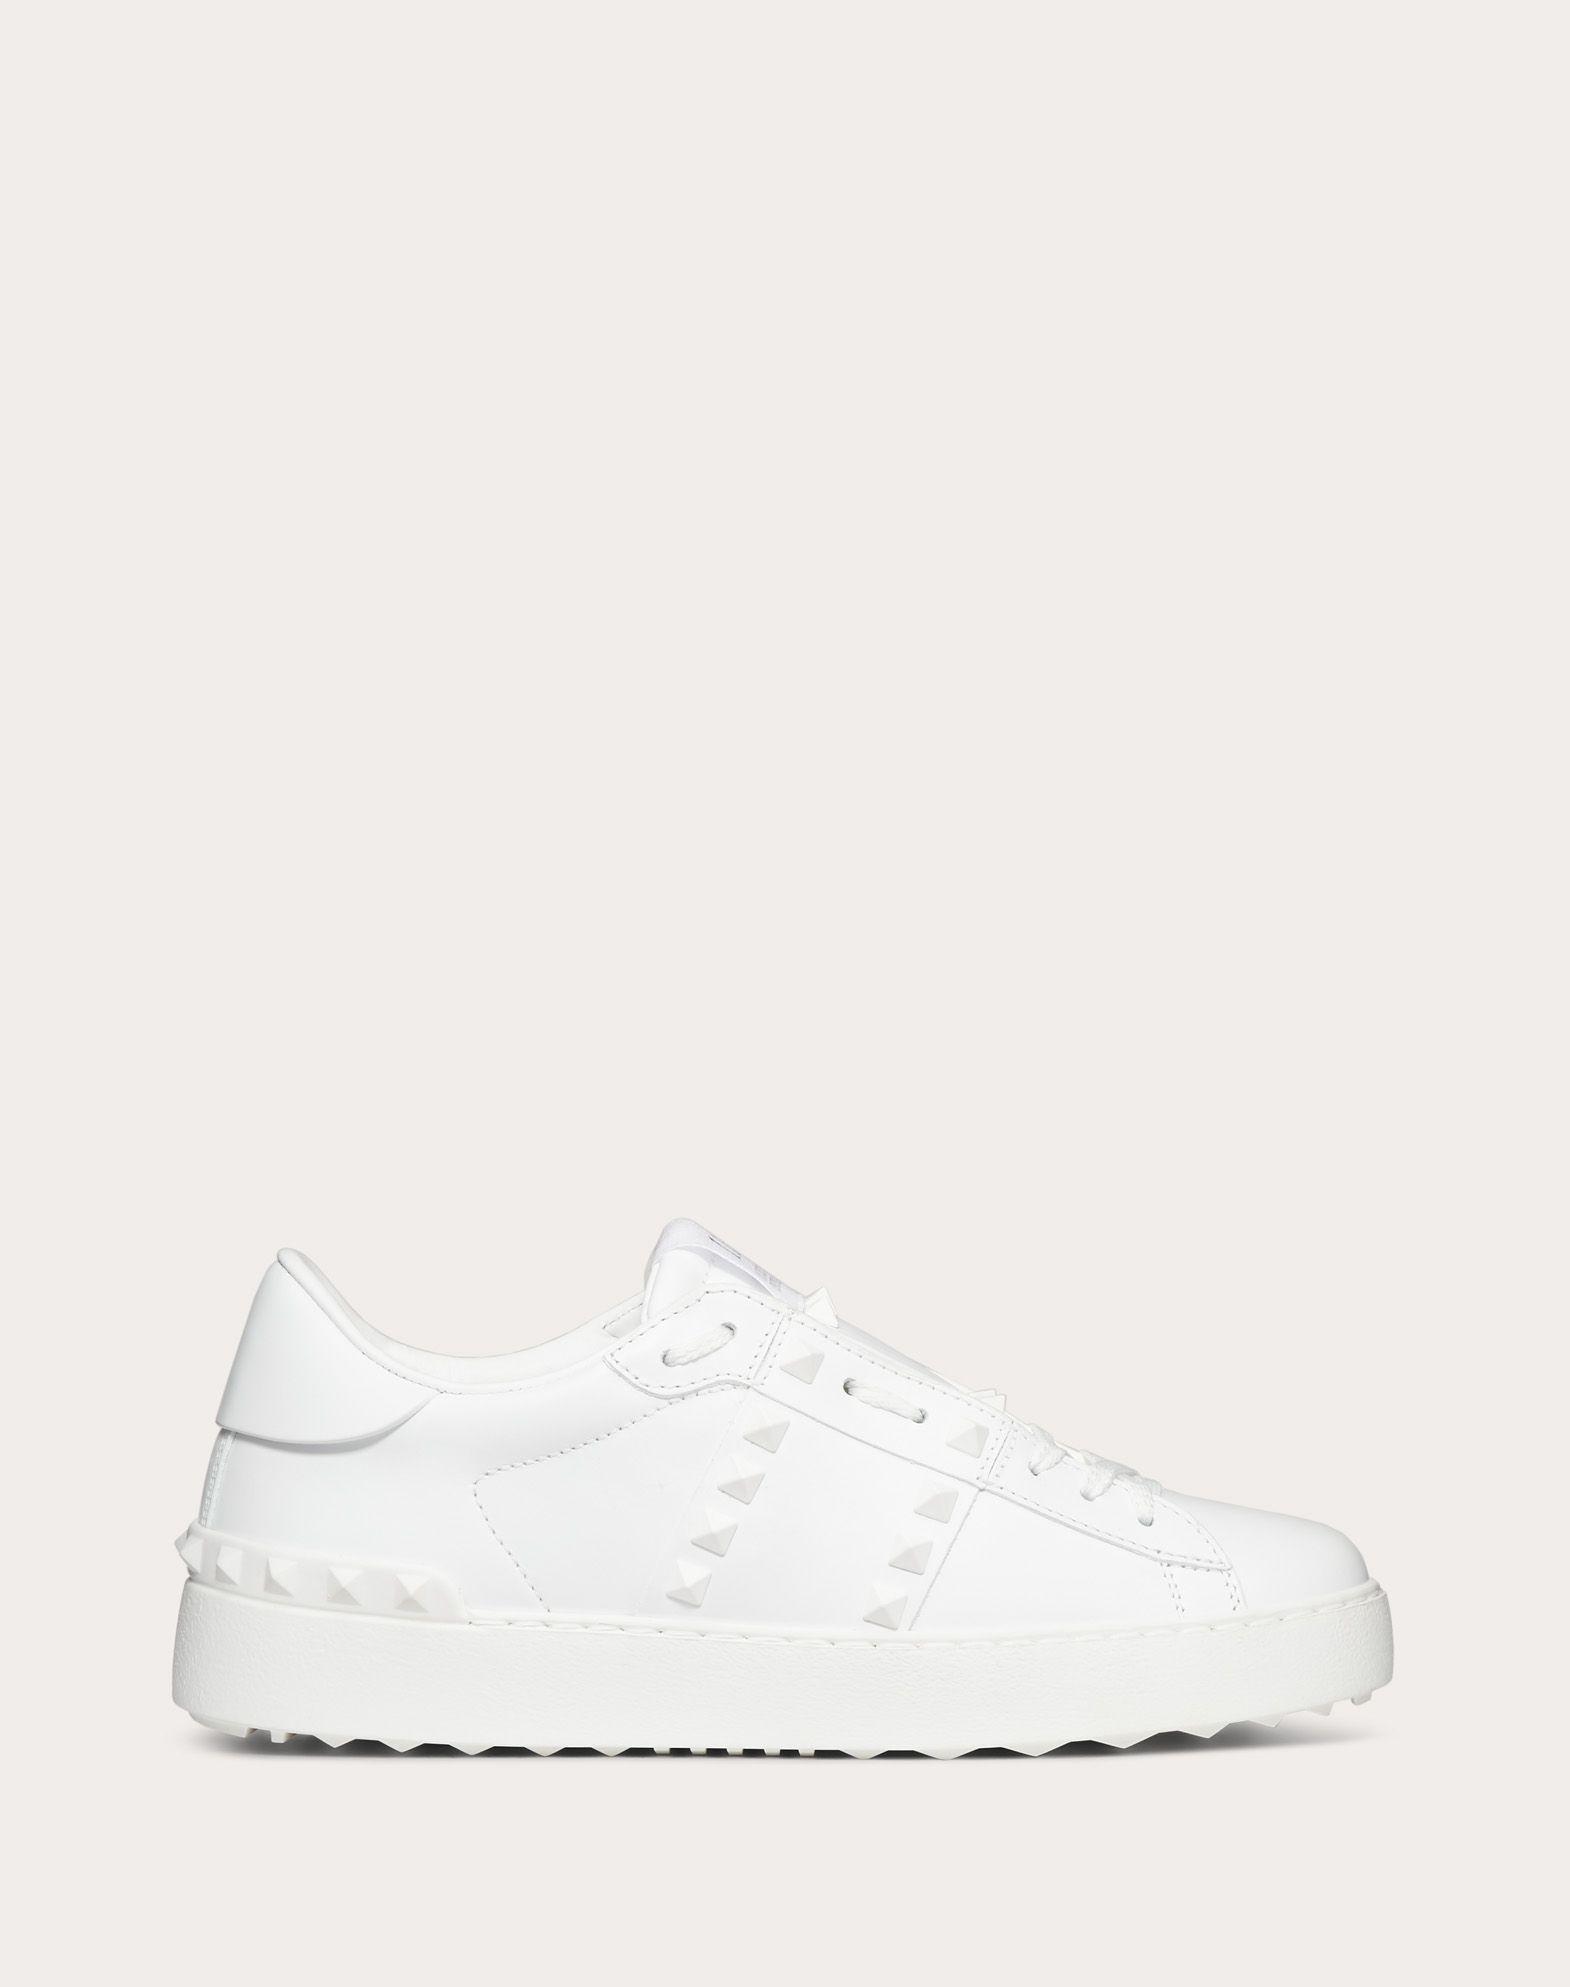 Rockstud Untitled Sneaker in Calfskin Leather